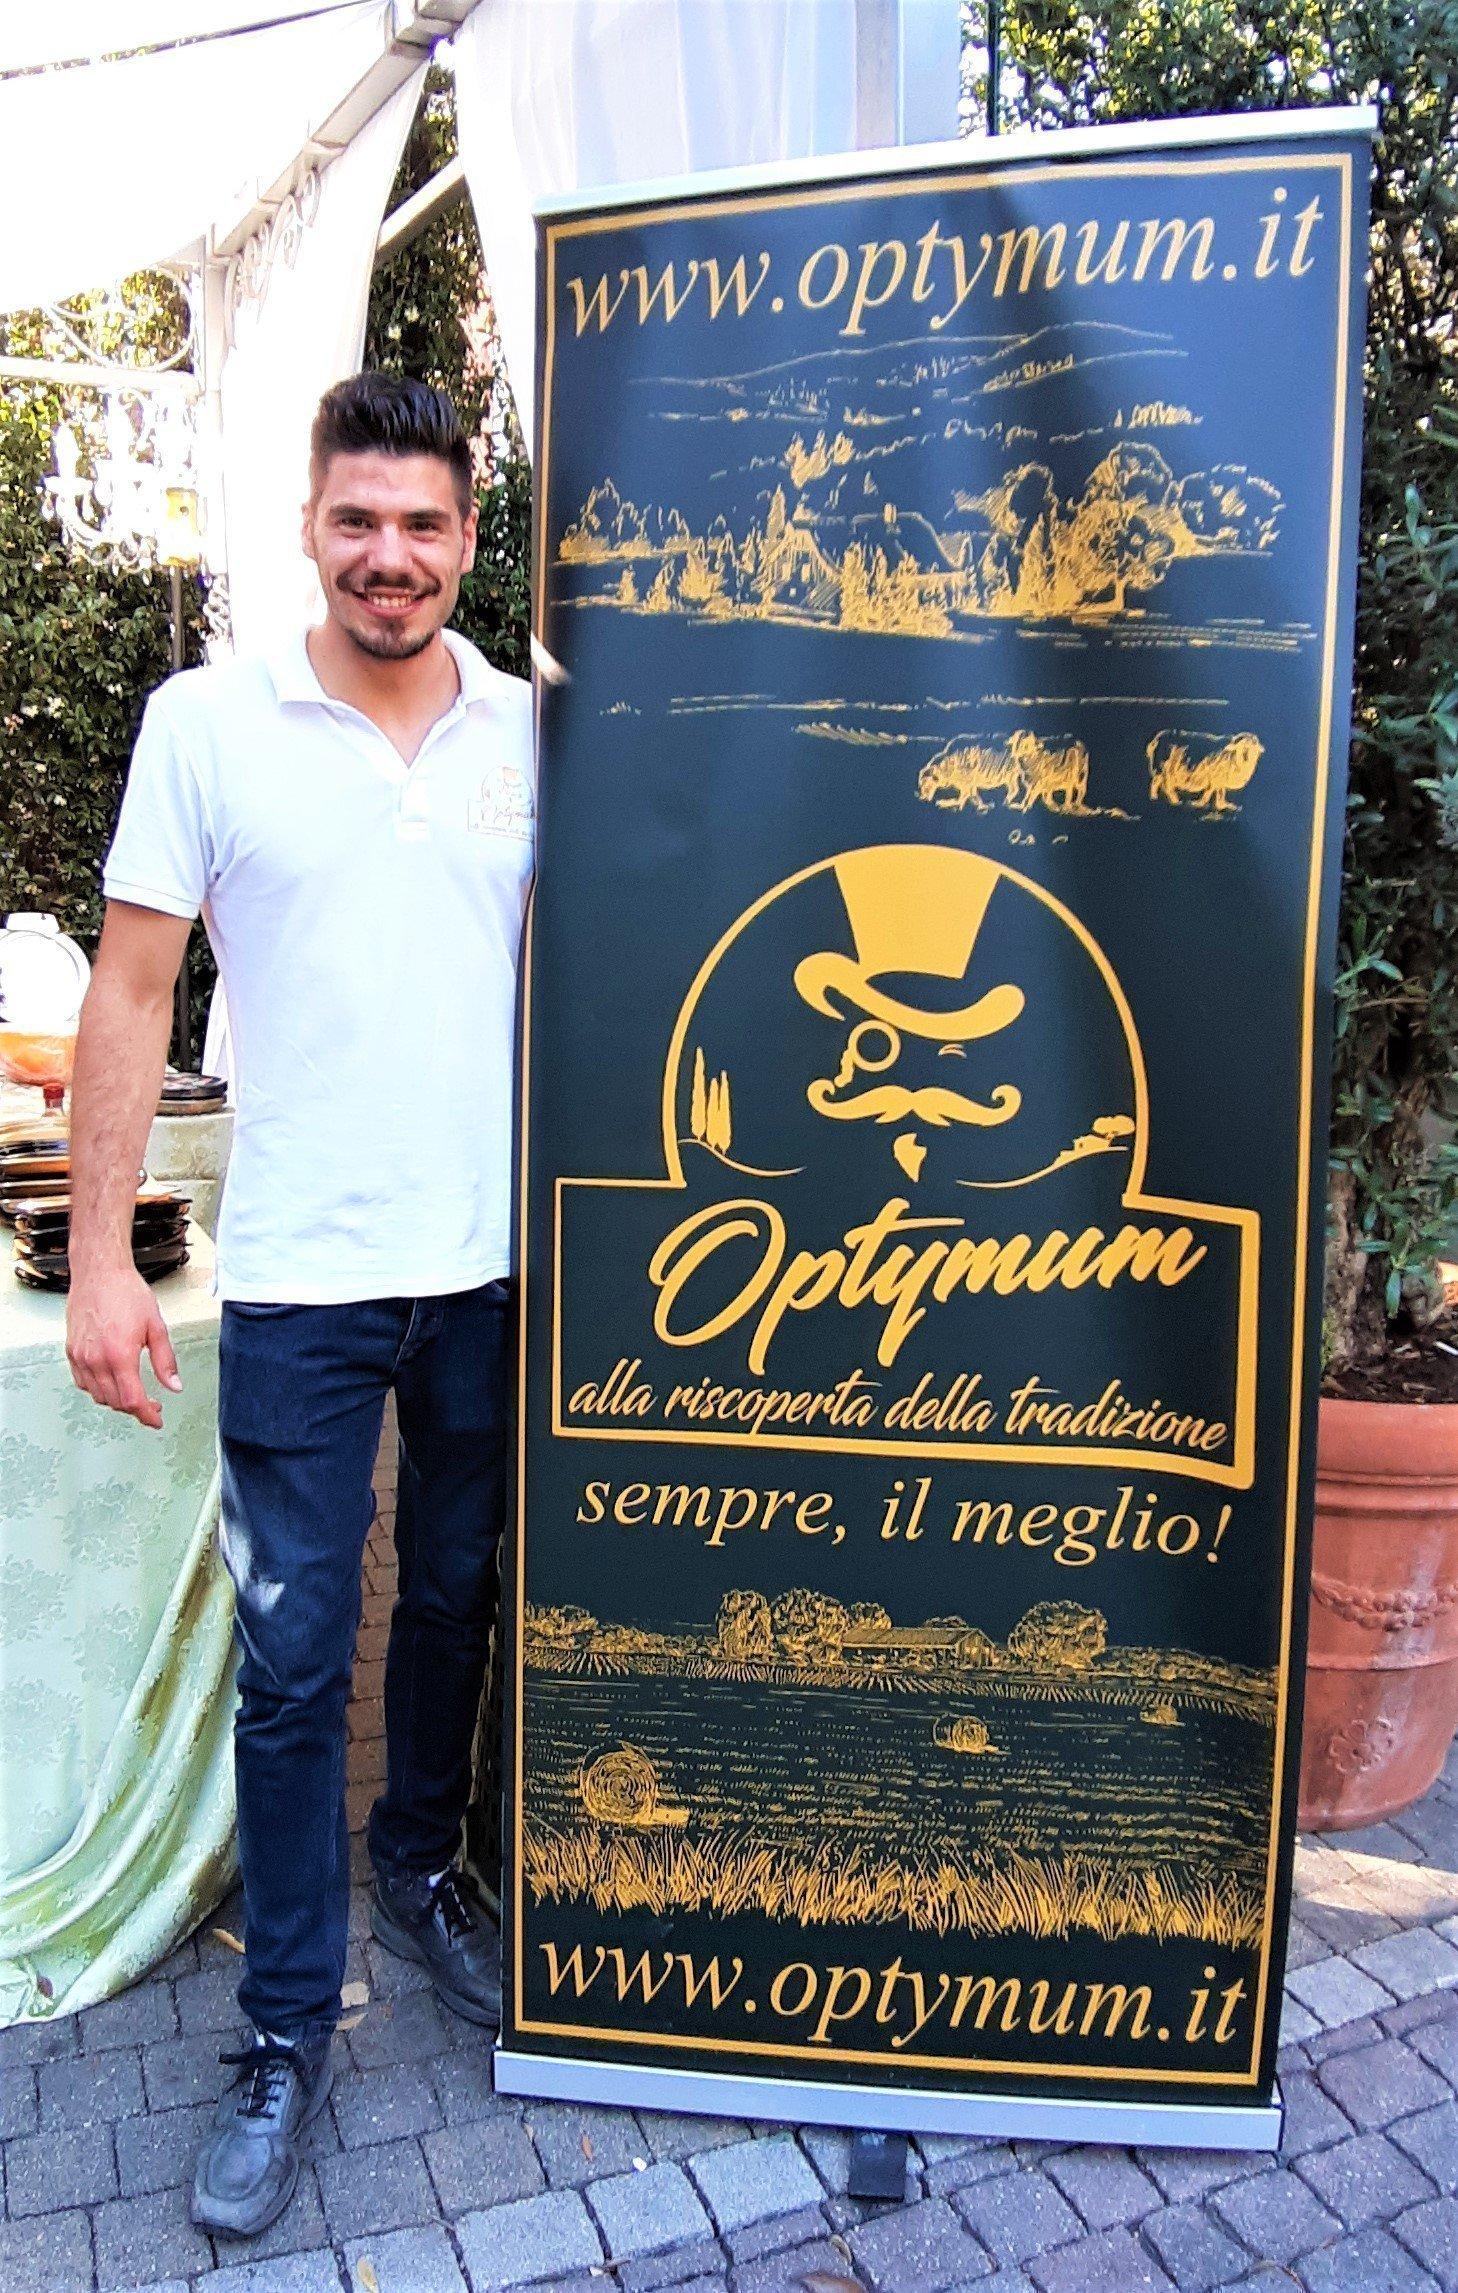 Gianluca Saccente